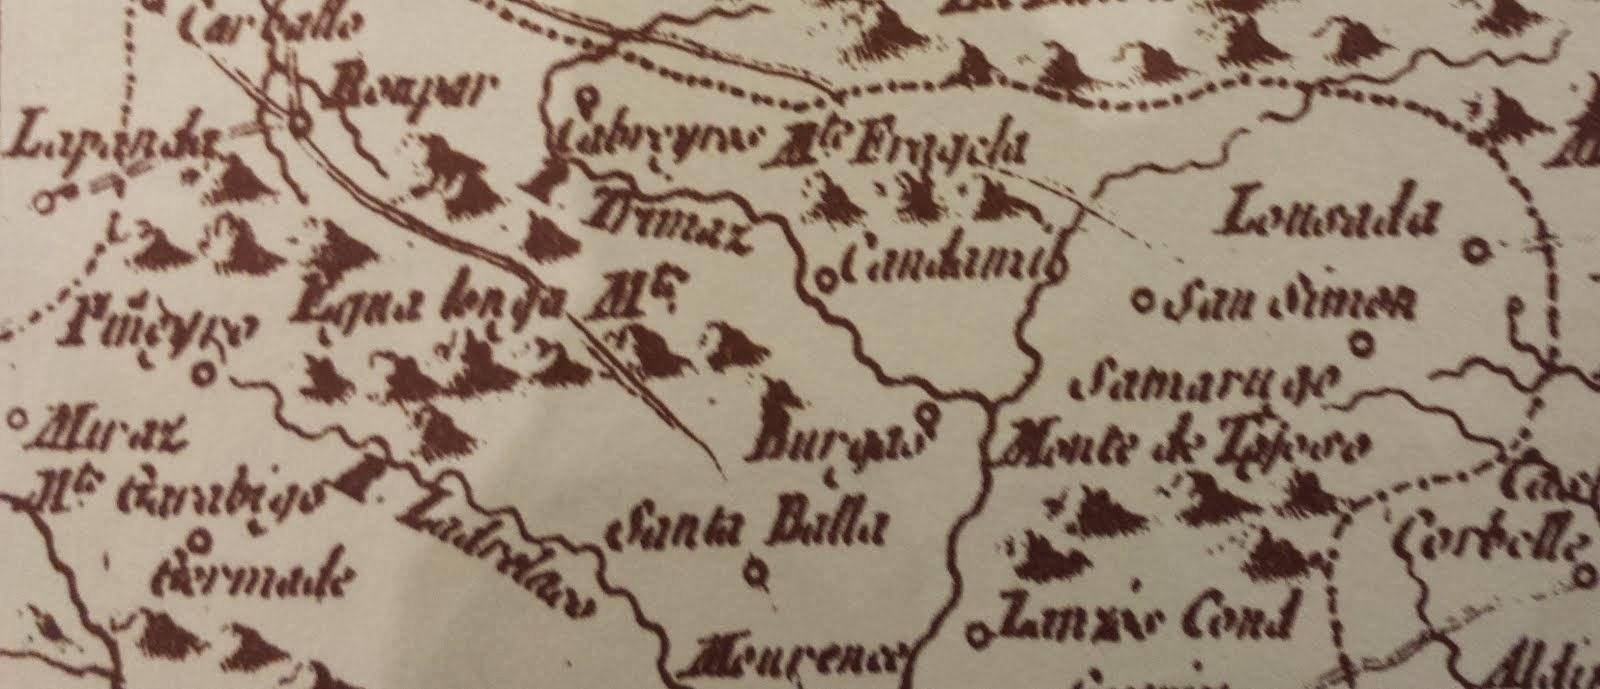 Toponimia do Concello de XERMADE